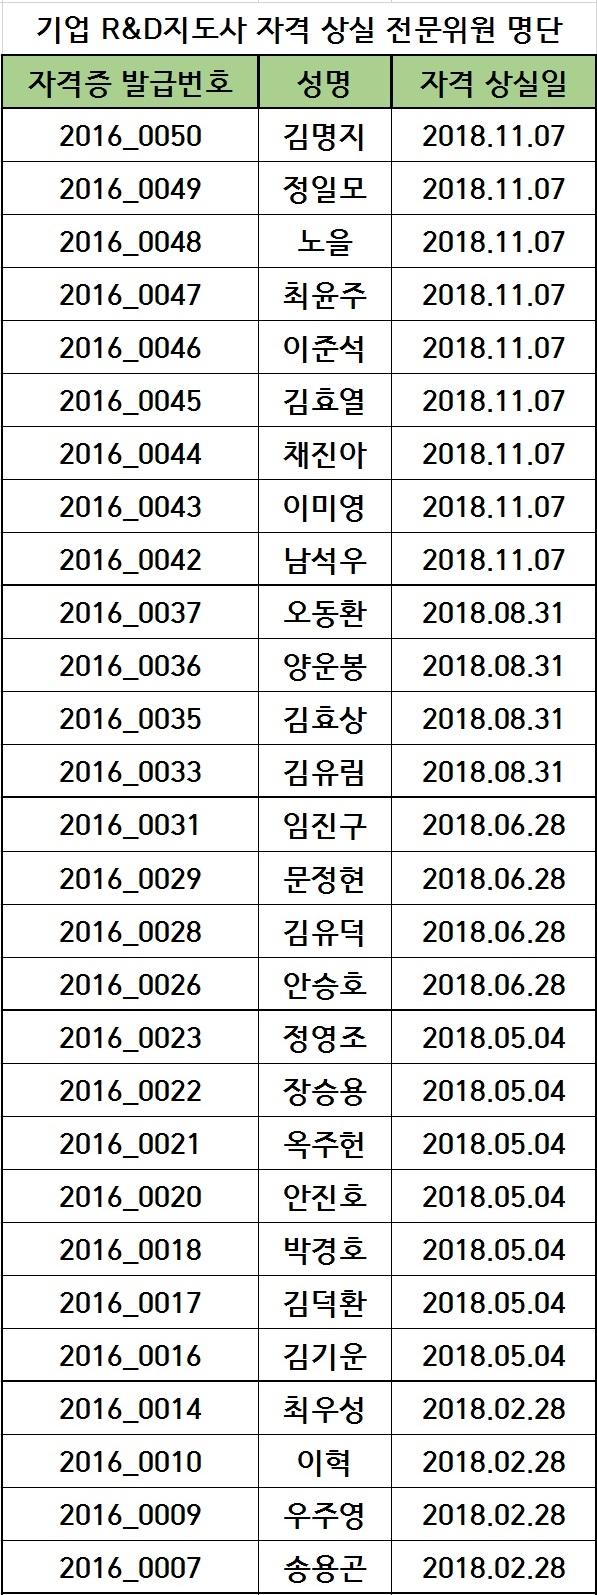 2018년도 기업 R&D지도사 자격 상실 전문위원 명단(20.04.22)